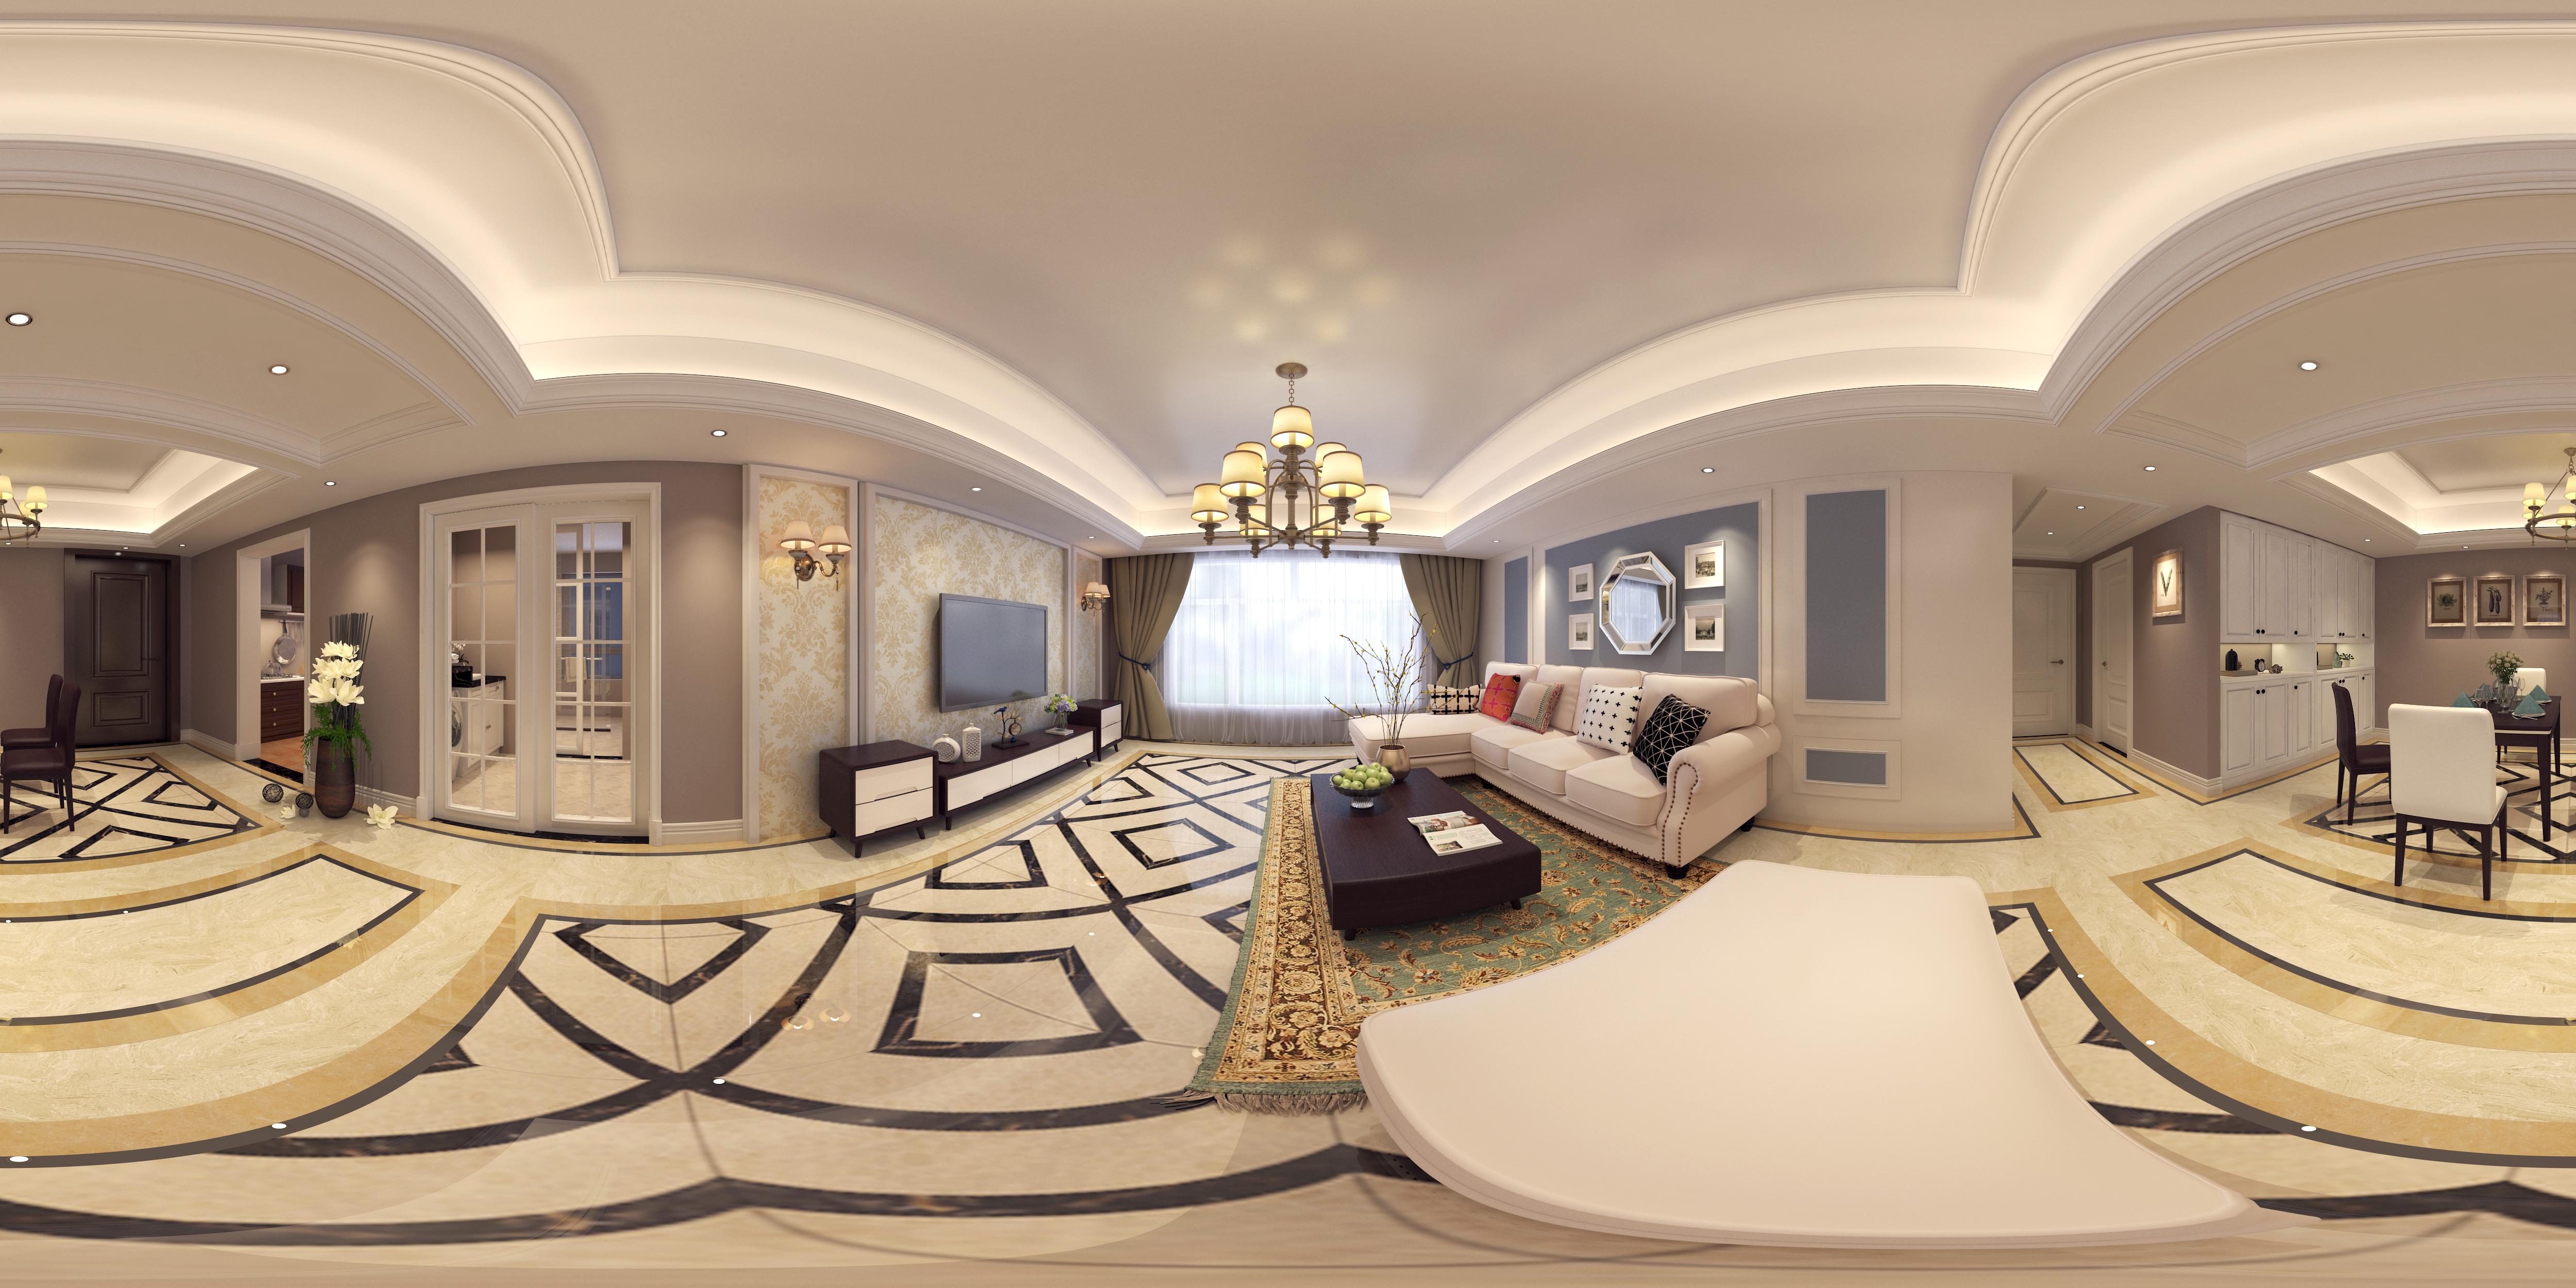 室内-室内设计-空间-设计作品-中国设计之窗